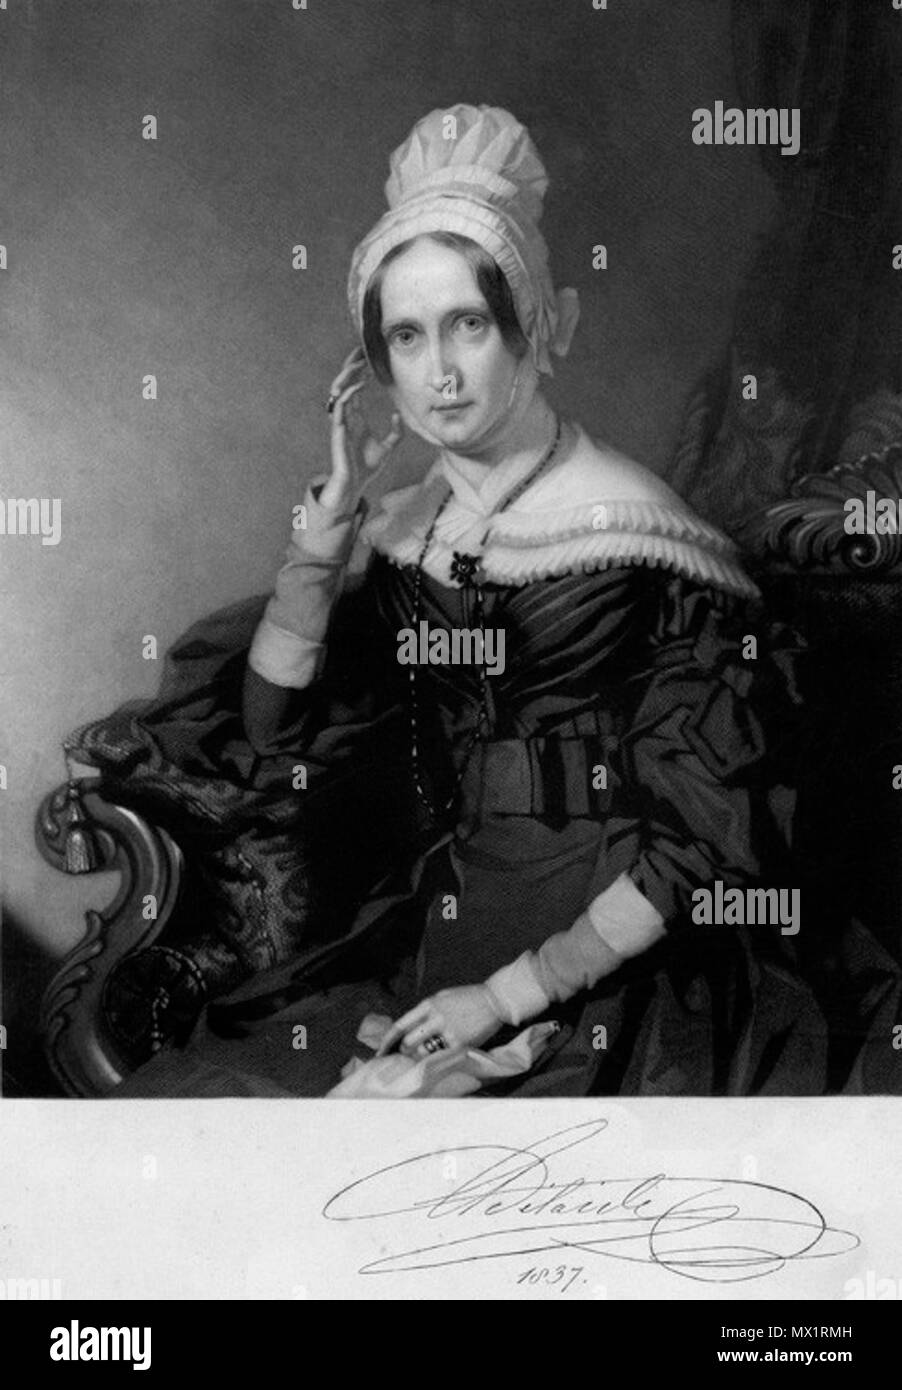 . Ritratto della Regina Adelaide Amelia Louisa Teresa Carolina di Sassonia-Coburgo Meiningen, consorte di Guglielmo IV . Firmato 1837, sebbene NPG rivendicazioni 1844. Dopo John Lucas 434 Mw18026 Foto Stock